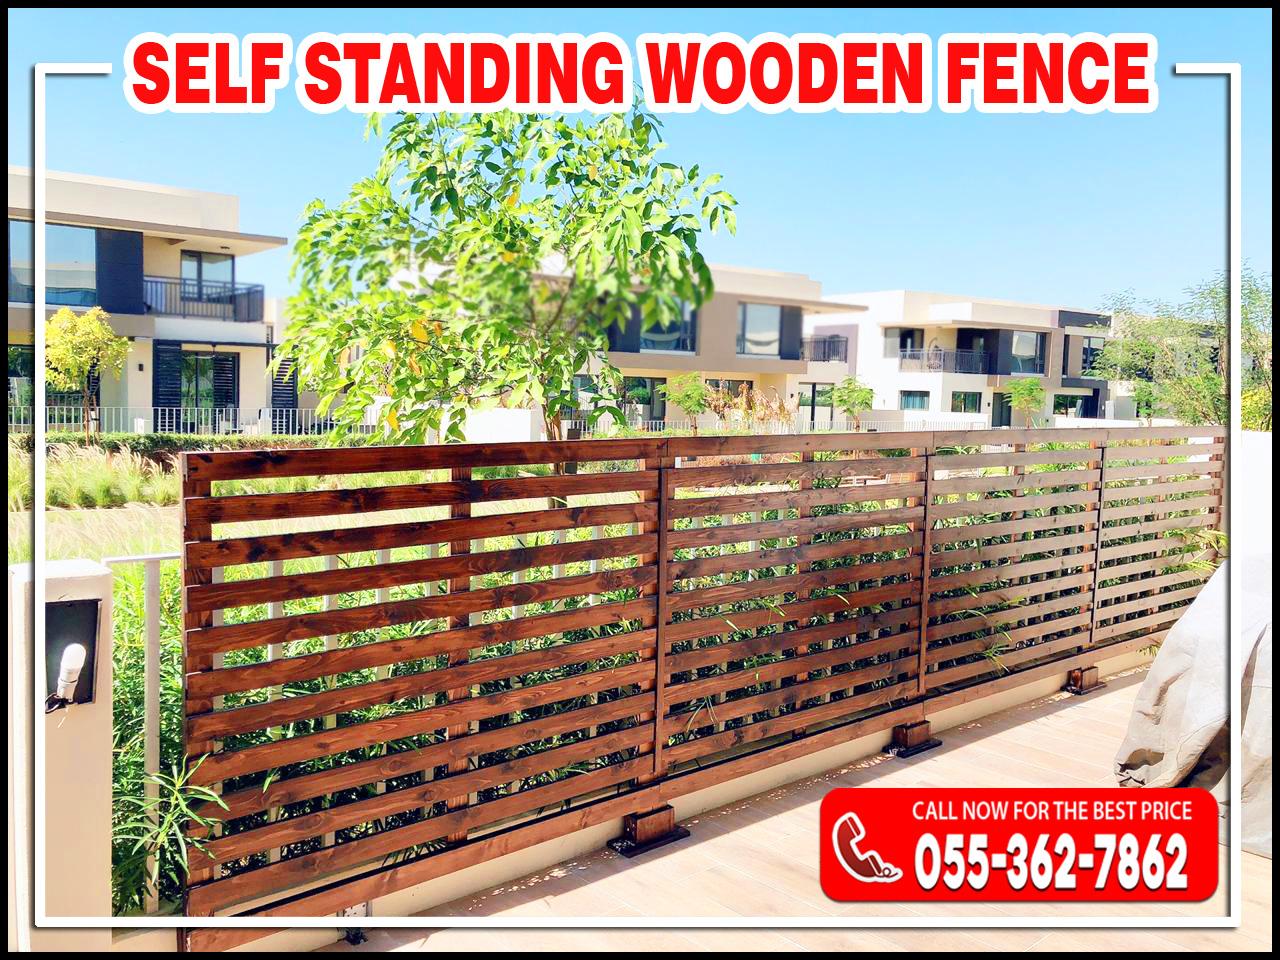 Self Standing Wooden Fences in UAE.jpg